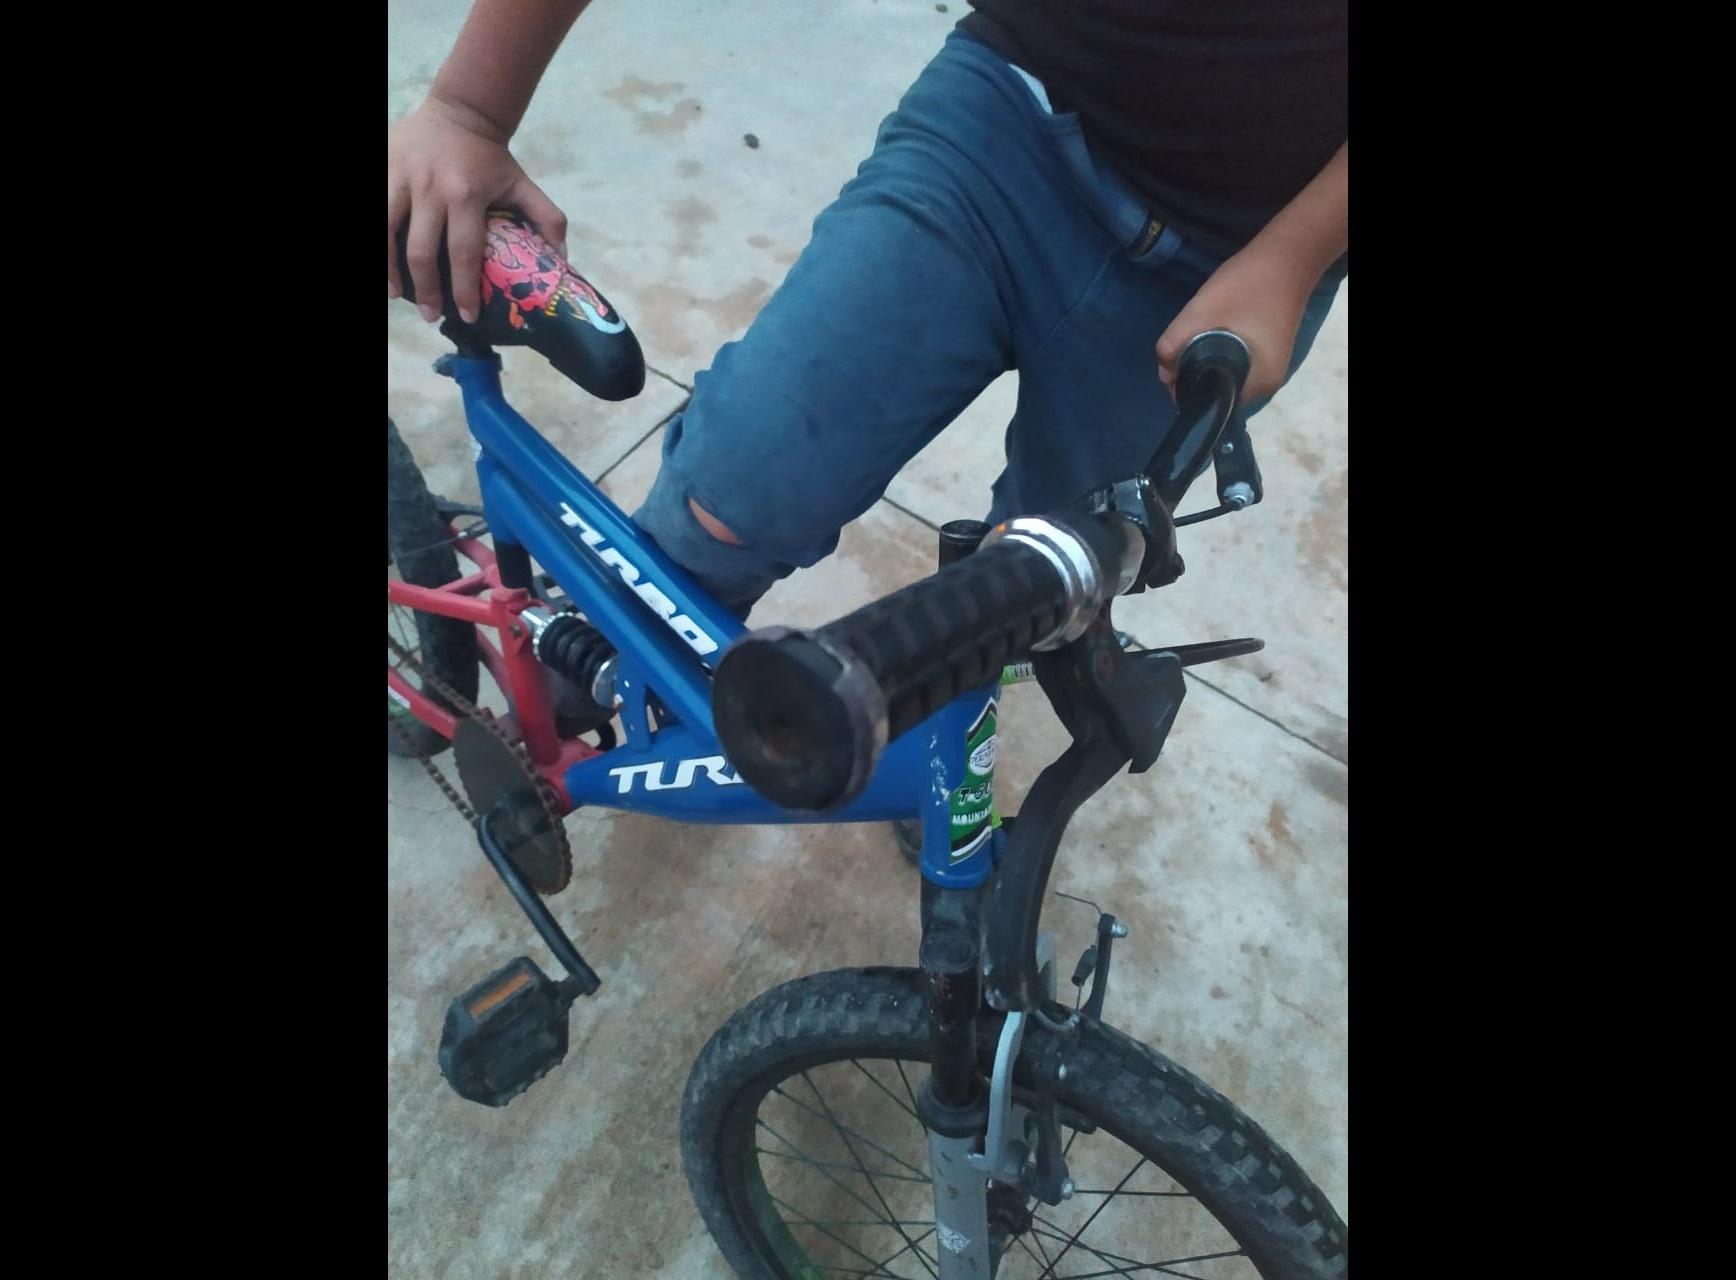 Policía huye tras atropellar a un niño en bicicleta en Pahuatlán